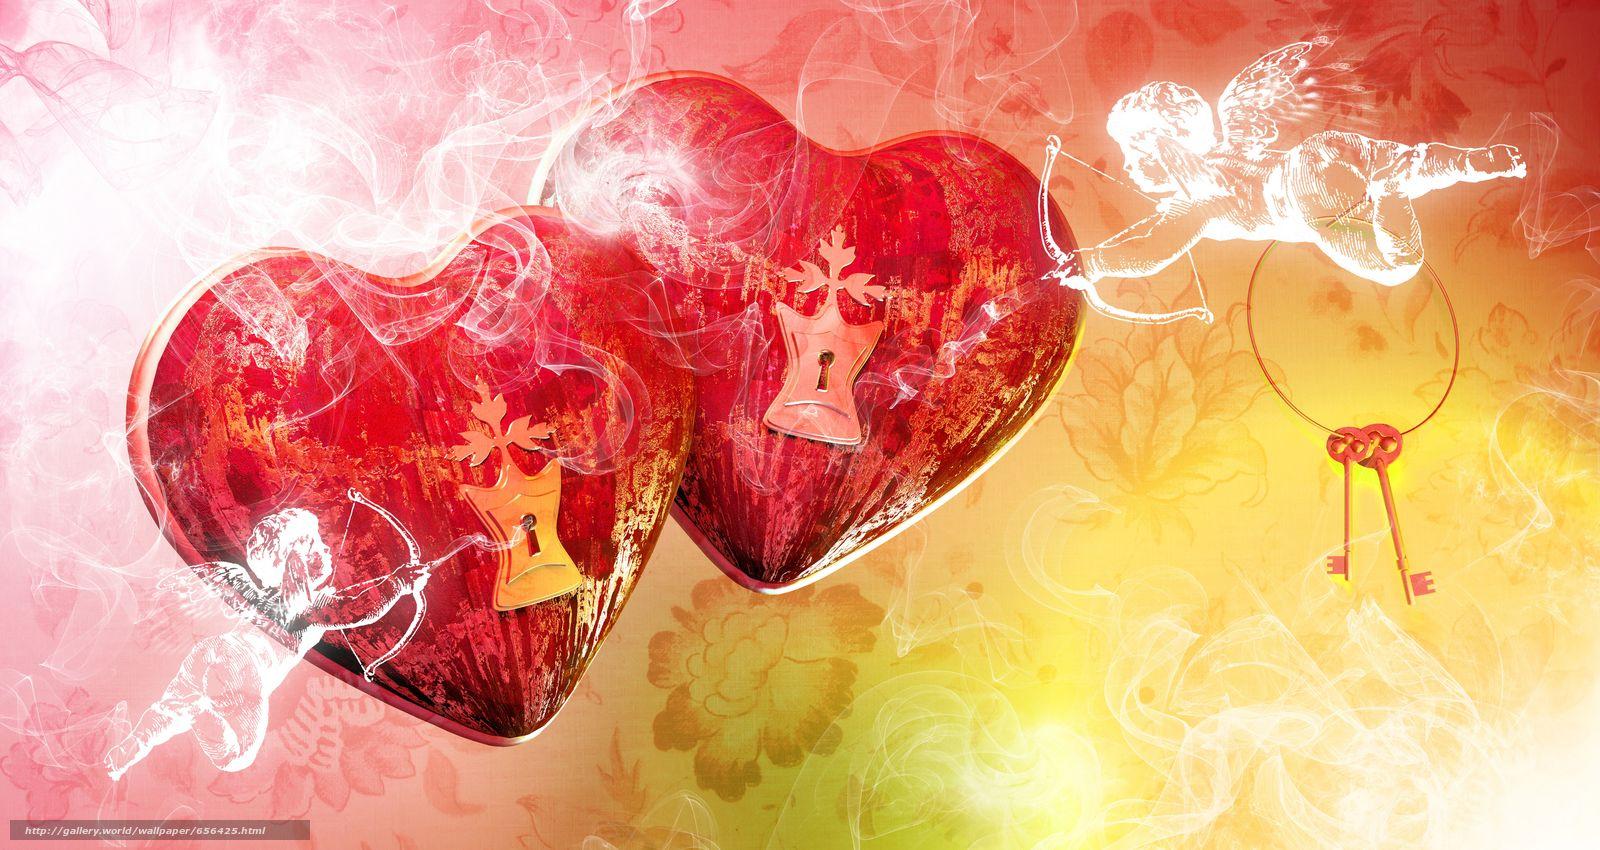 Скачать обои обои от Kisenok,  день святого валентина,  день всех влюбленных,  праздник бесплатно для рабочего стола в разрешении 10600x5632 — картинка №656425